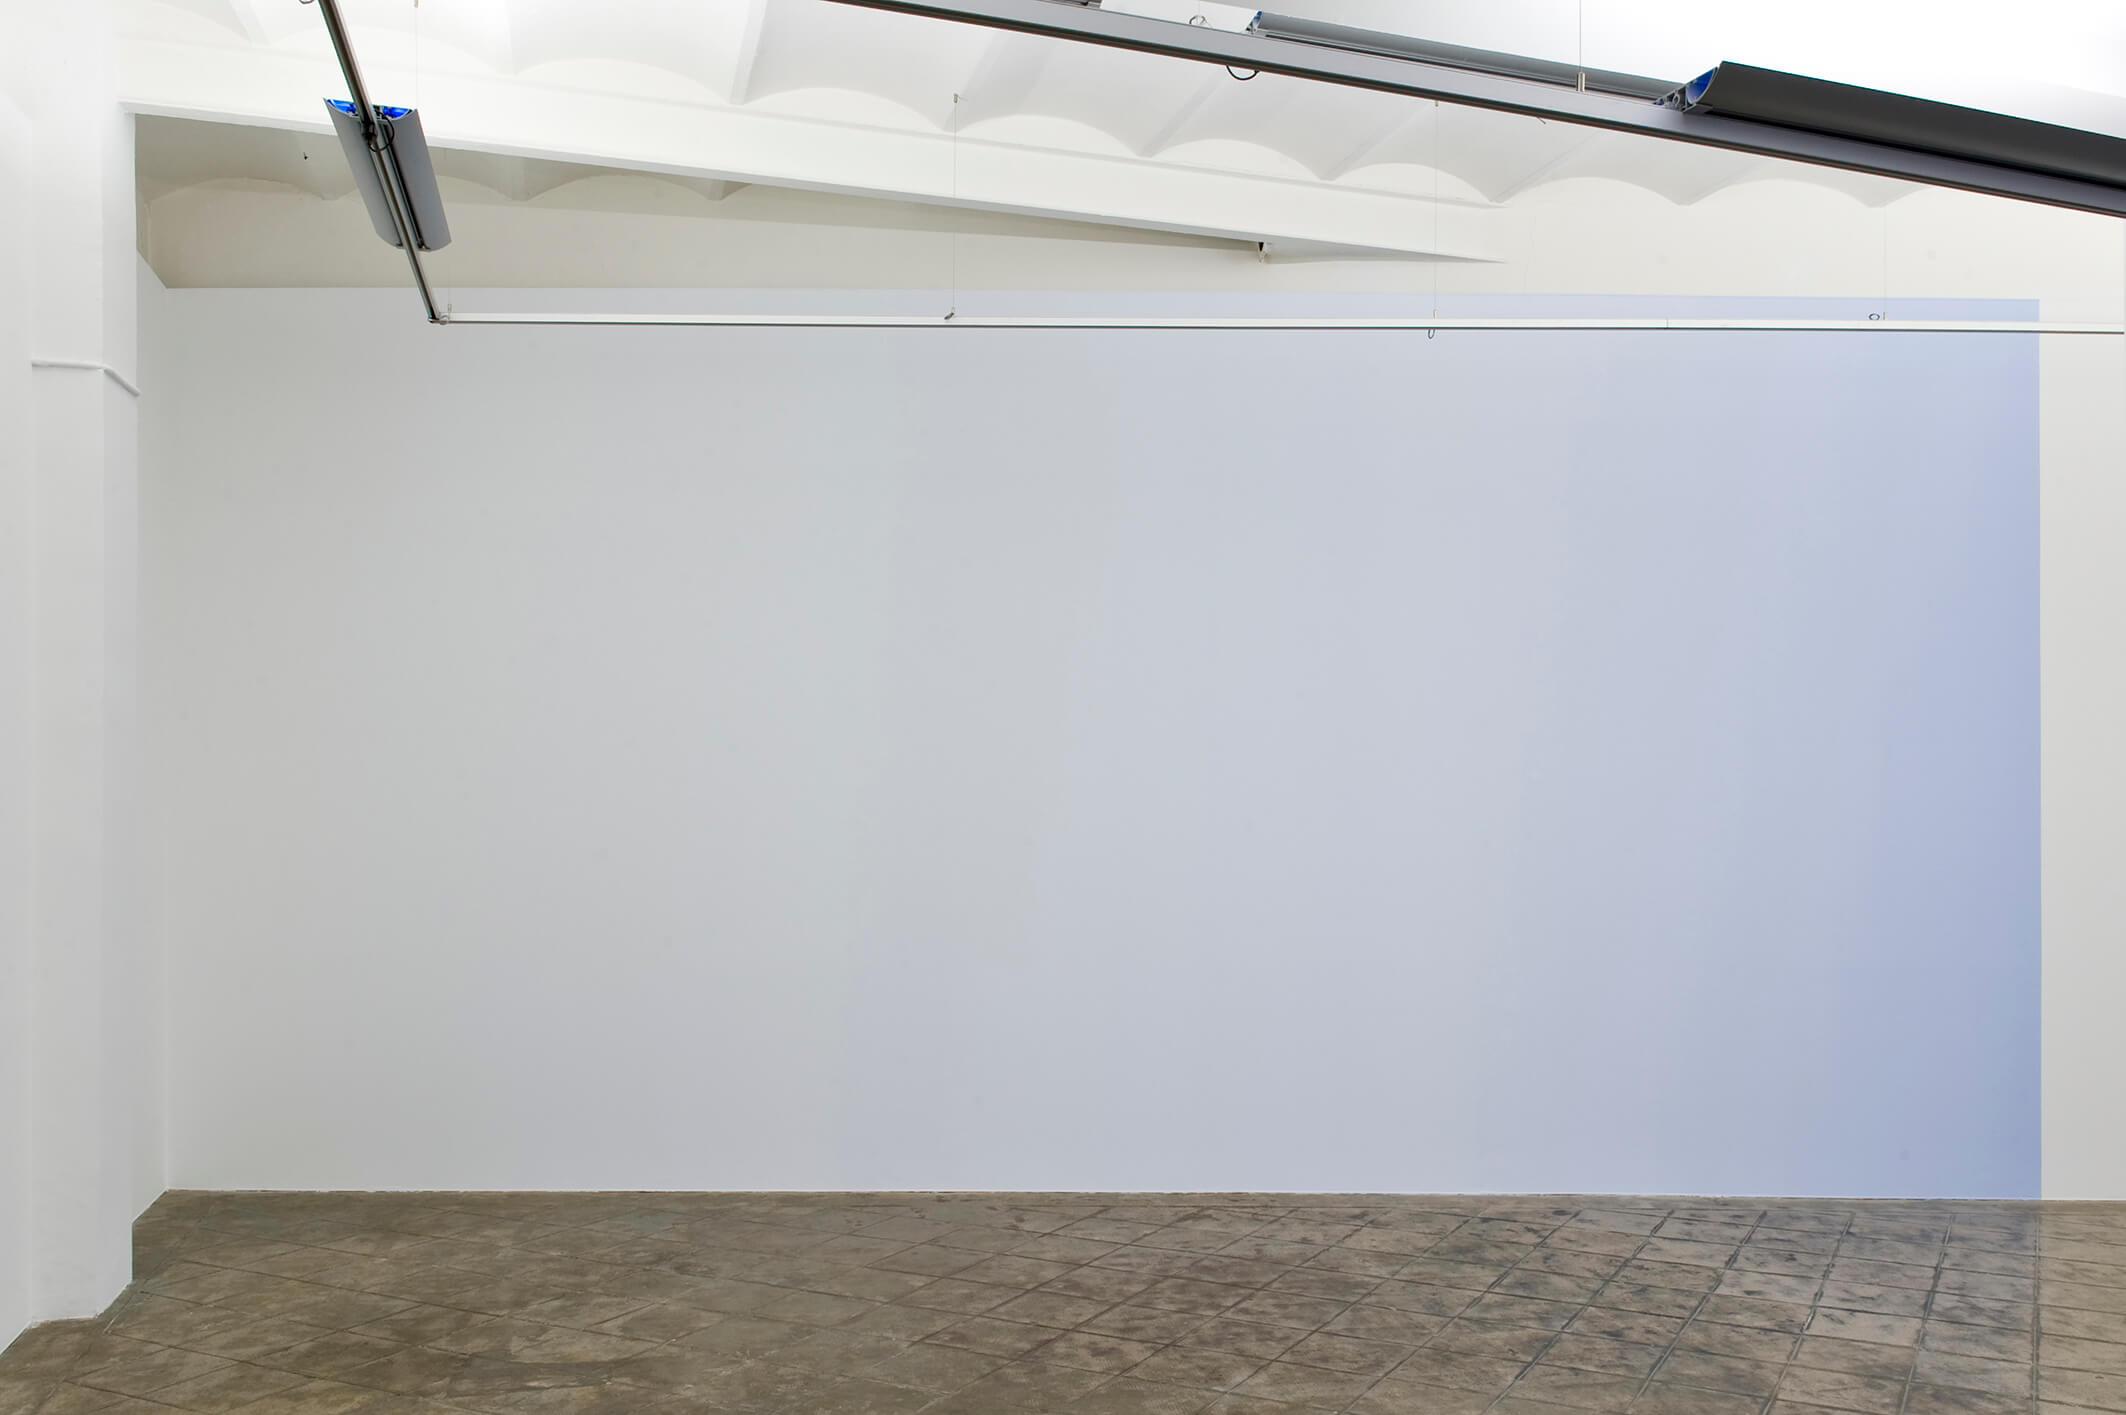 Untitled, 2013 | Pieter Vermeersch | ProjecteSD